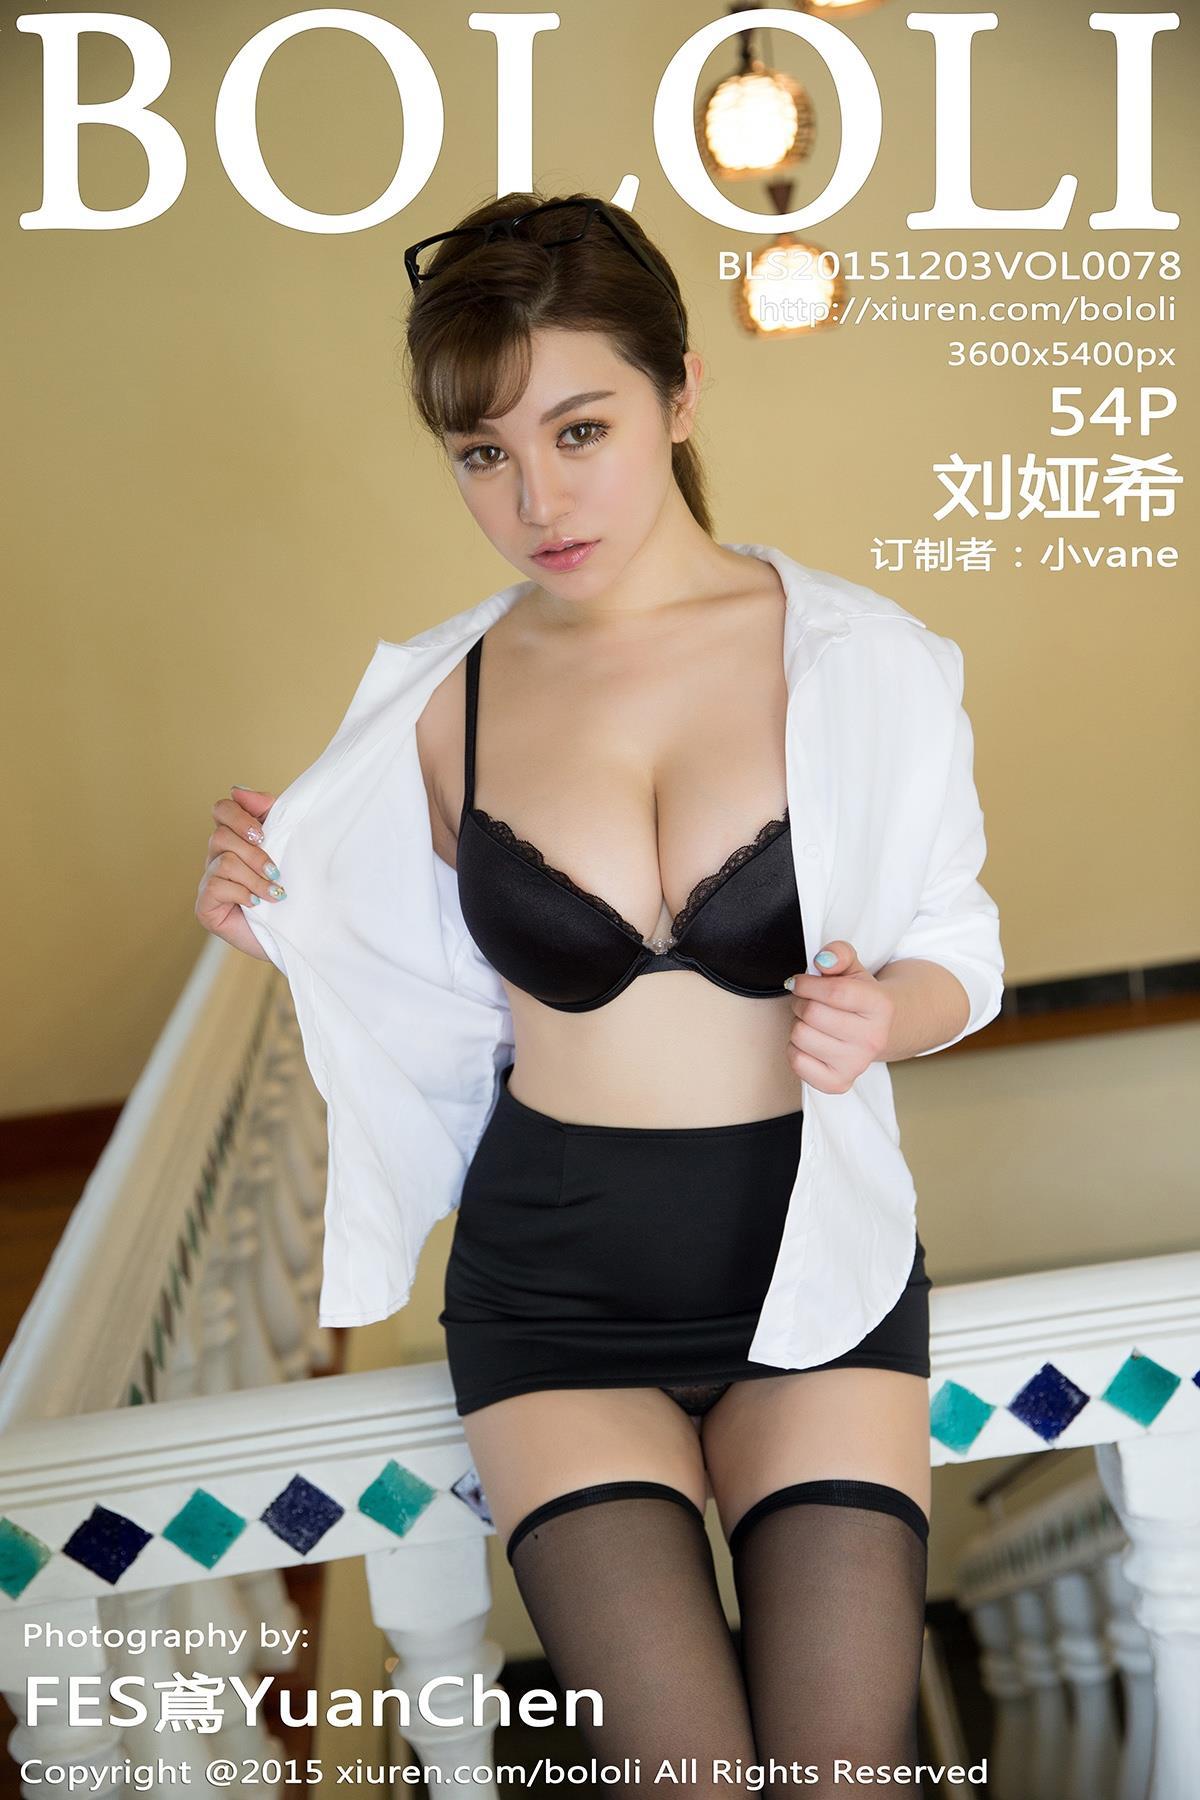 [BoLoli波萝社]BLS20151203VOL0078 性感女秘书 刘娅希 白色衬衫与黑色短裙加黑色丝袜美腿私房写真集